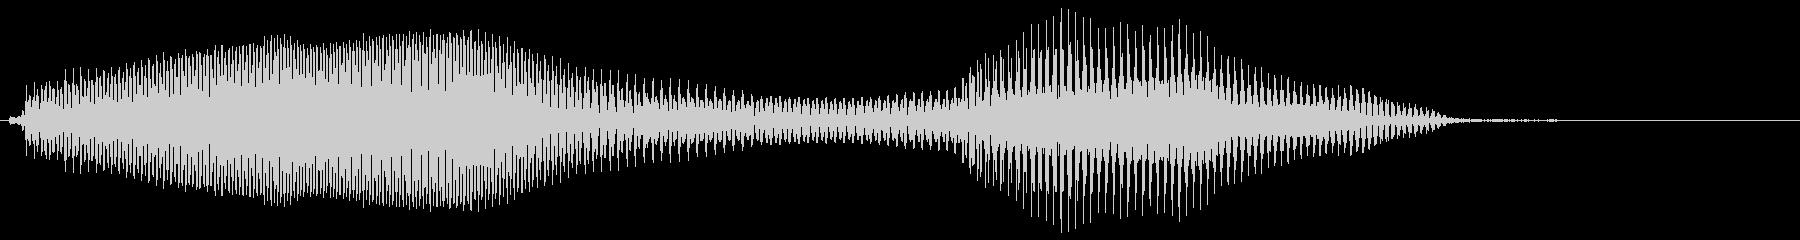 いいね!1【ロリキャラの褒めボイス】の未再生の波形